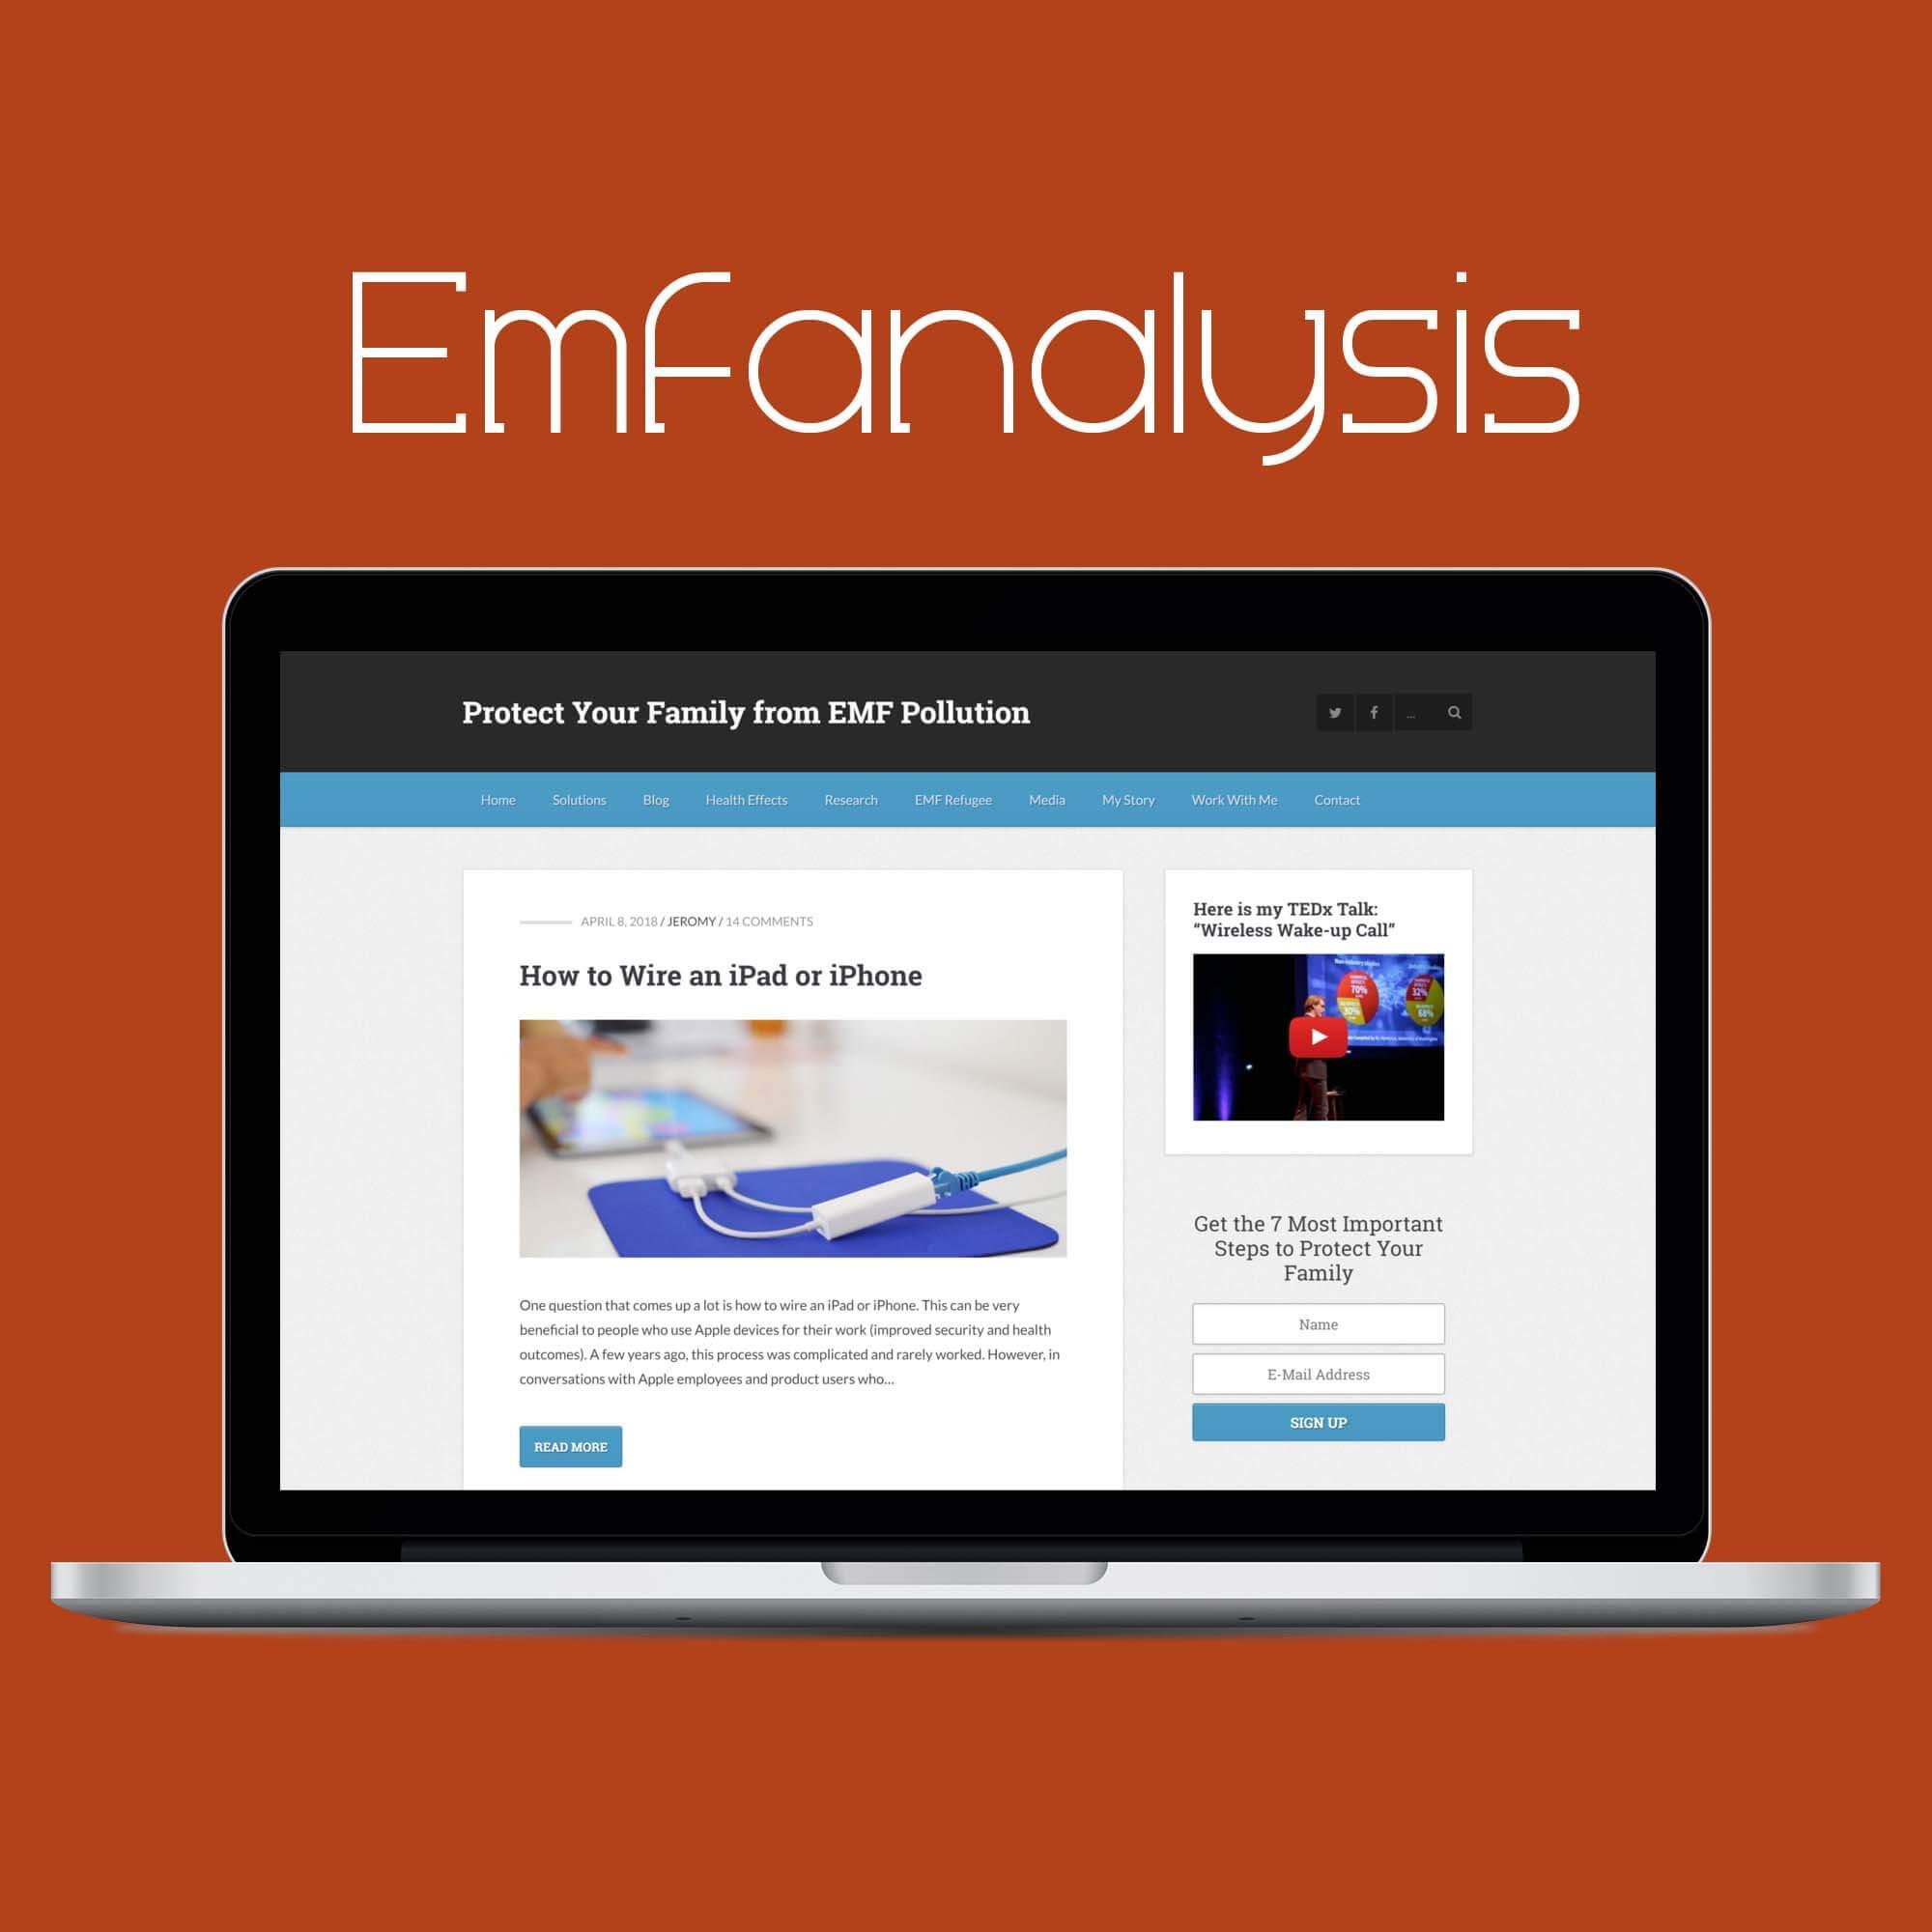 www.emfanalysis